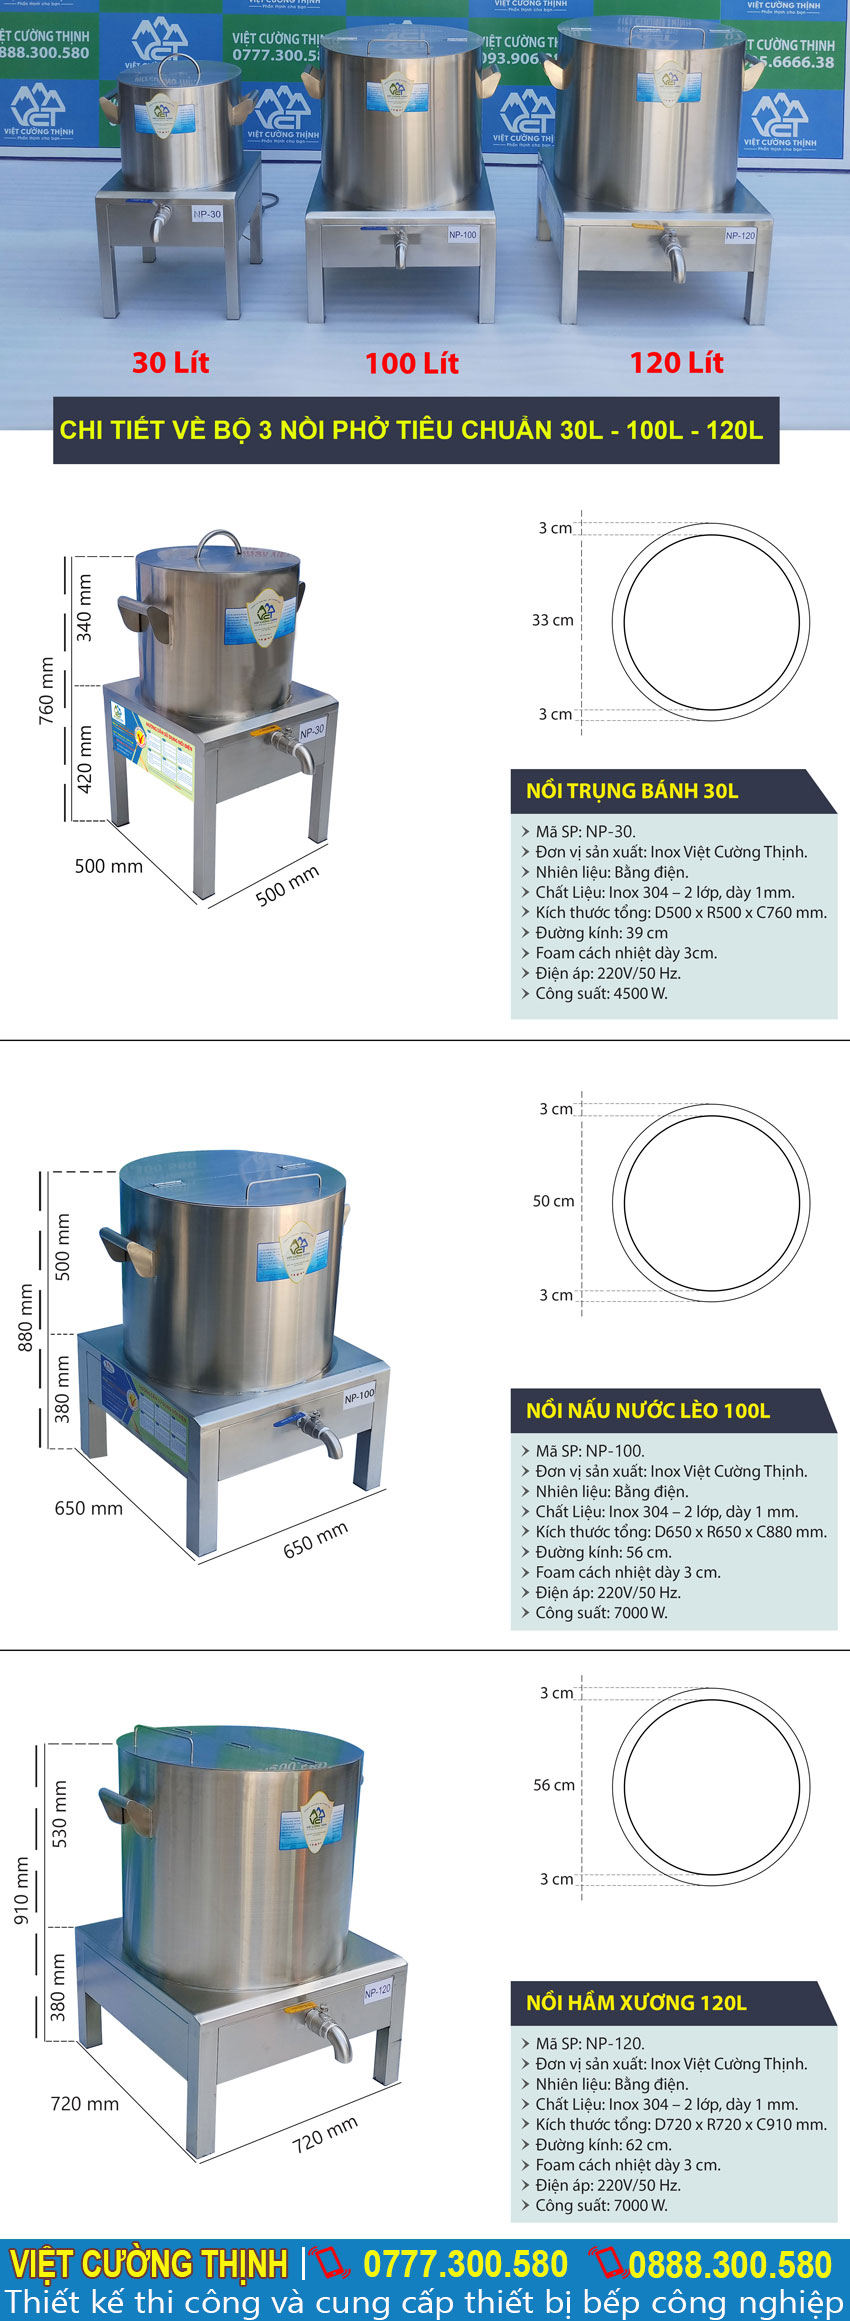 Thông số kỹ thuật Bộ 3 Nồi Phở Điện Tiêu Chuẩn 30L-100L-120L